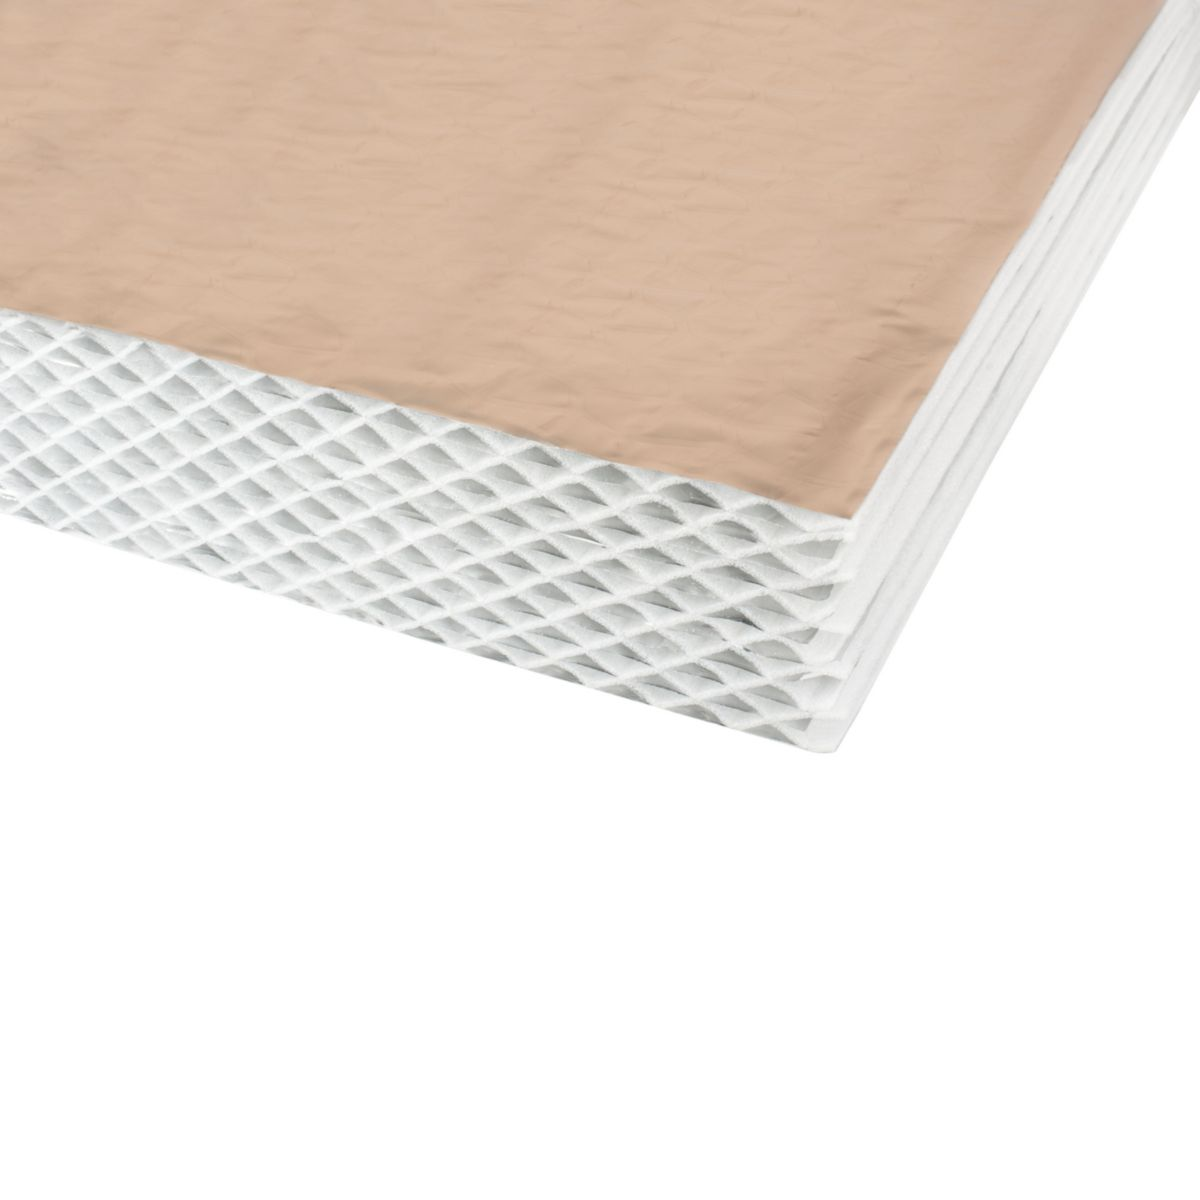 epaisseur laine de verre gallery of affordable la page with laine de verre castorama with. Black Bedroom Furniture Sets. Home Design Ideas